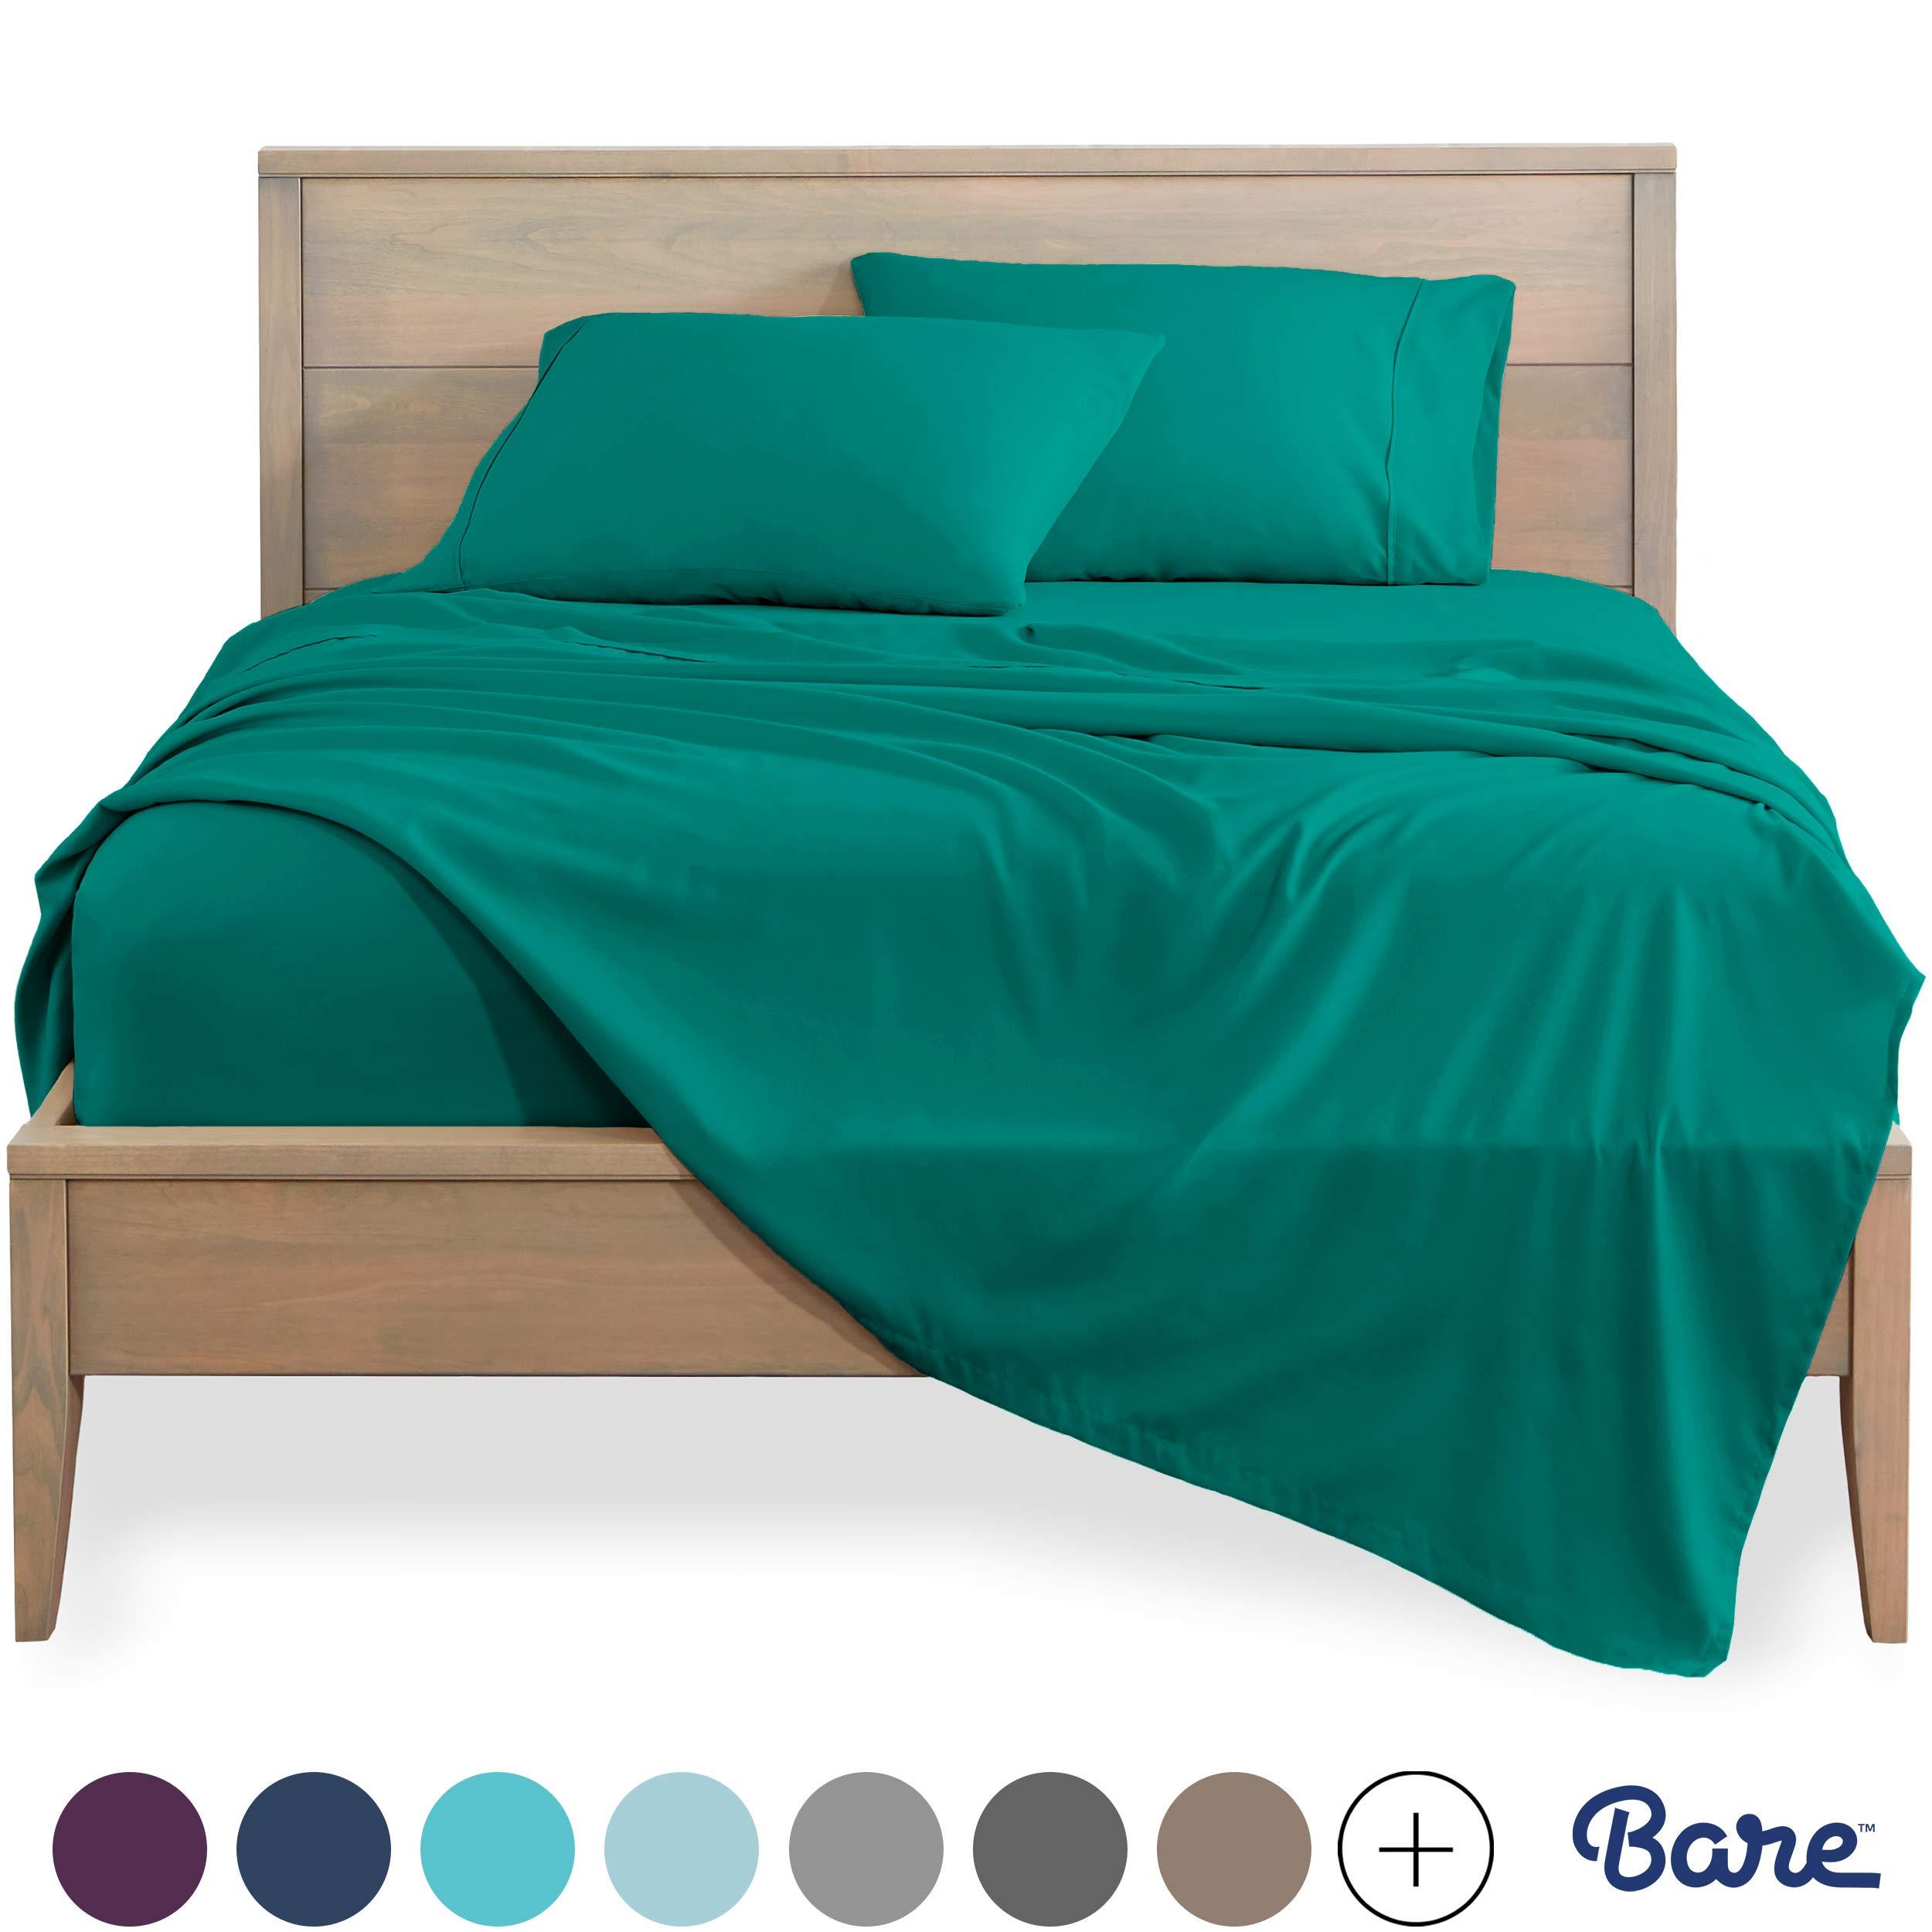 Bare Home Split King Sheet Set - 1800 Ultra-Soft Microfiber Bed Sheets - Double Brushed Breathable Bedding - Hypoallergenic – Wrinkle Resistant - Deep Pocket (Split King, Emerald)